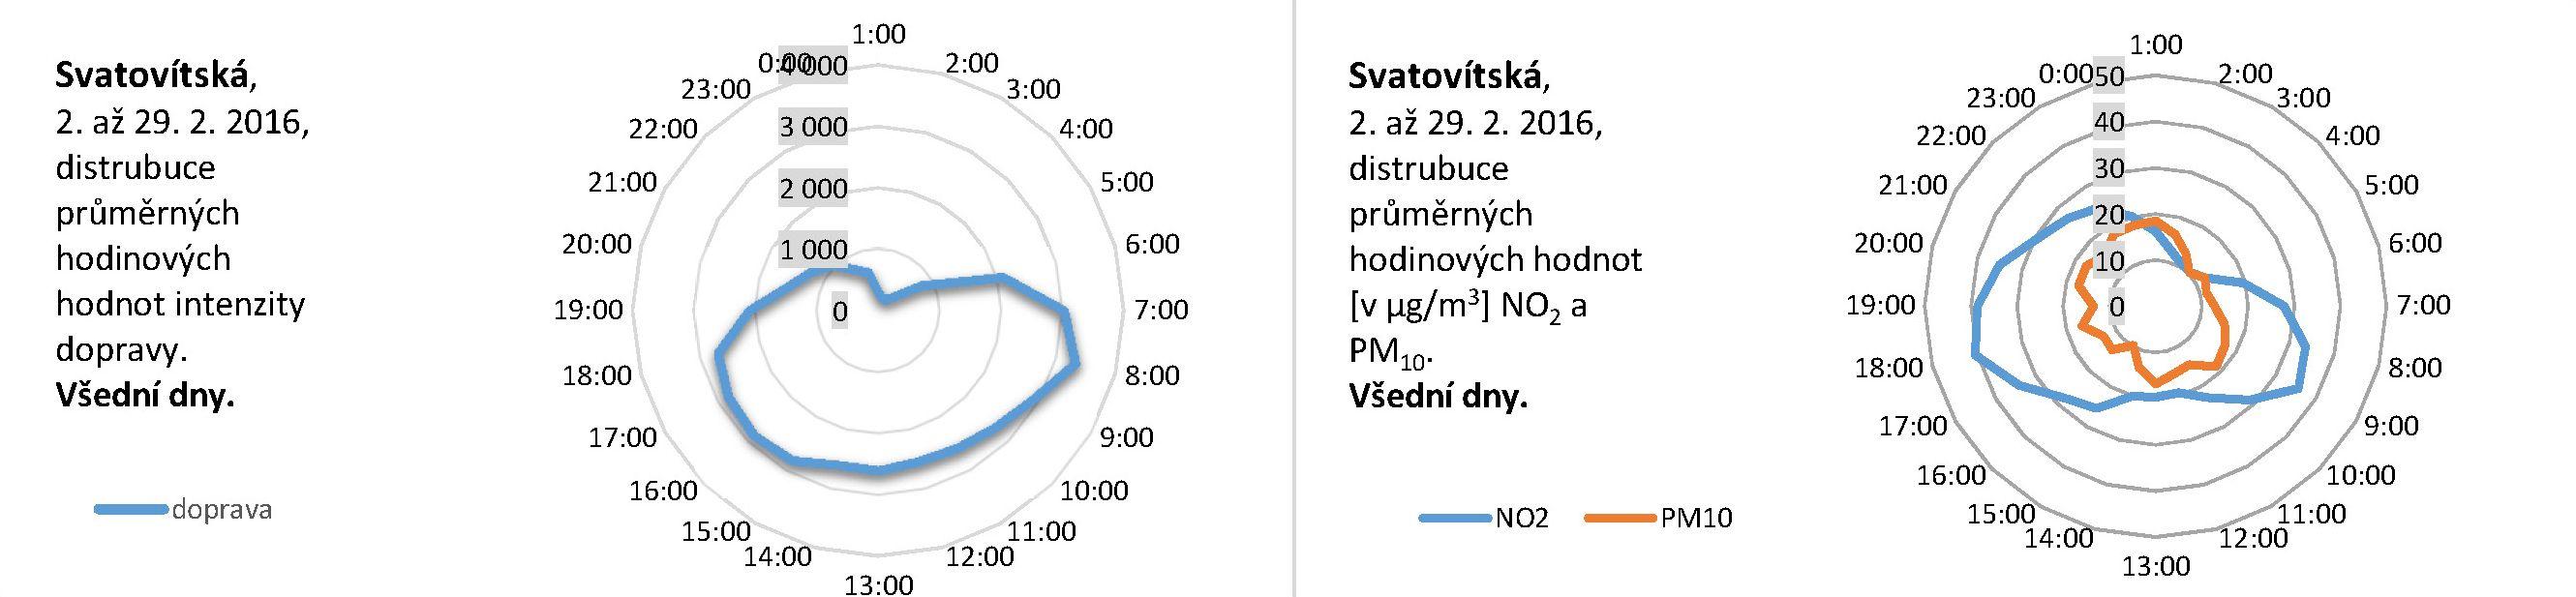 Svatovítská - 02.2016 - distribuce pracovní den